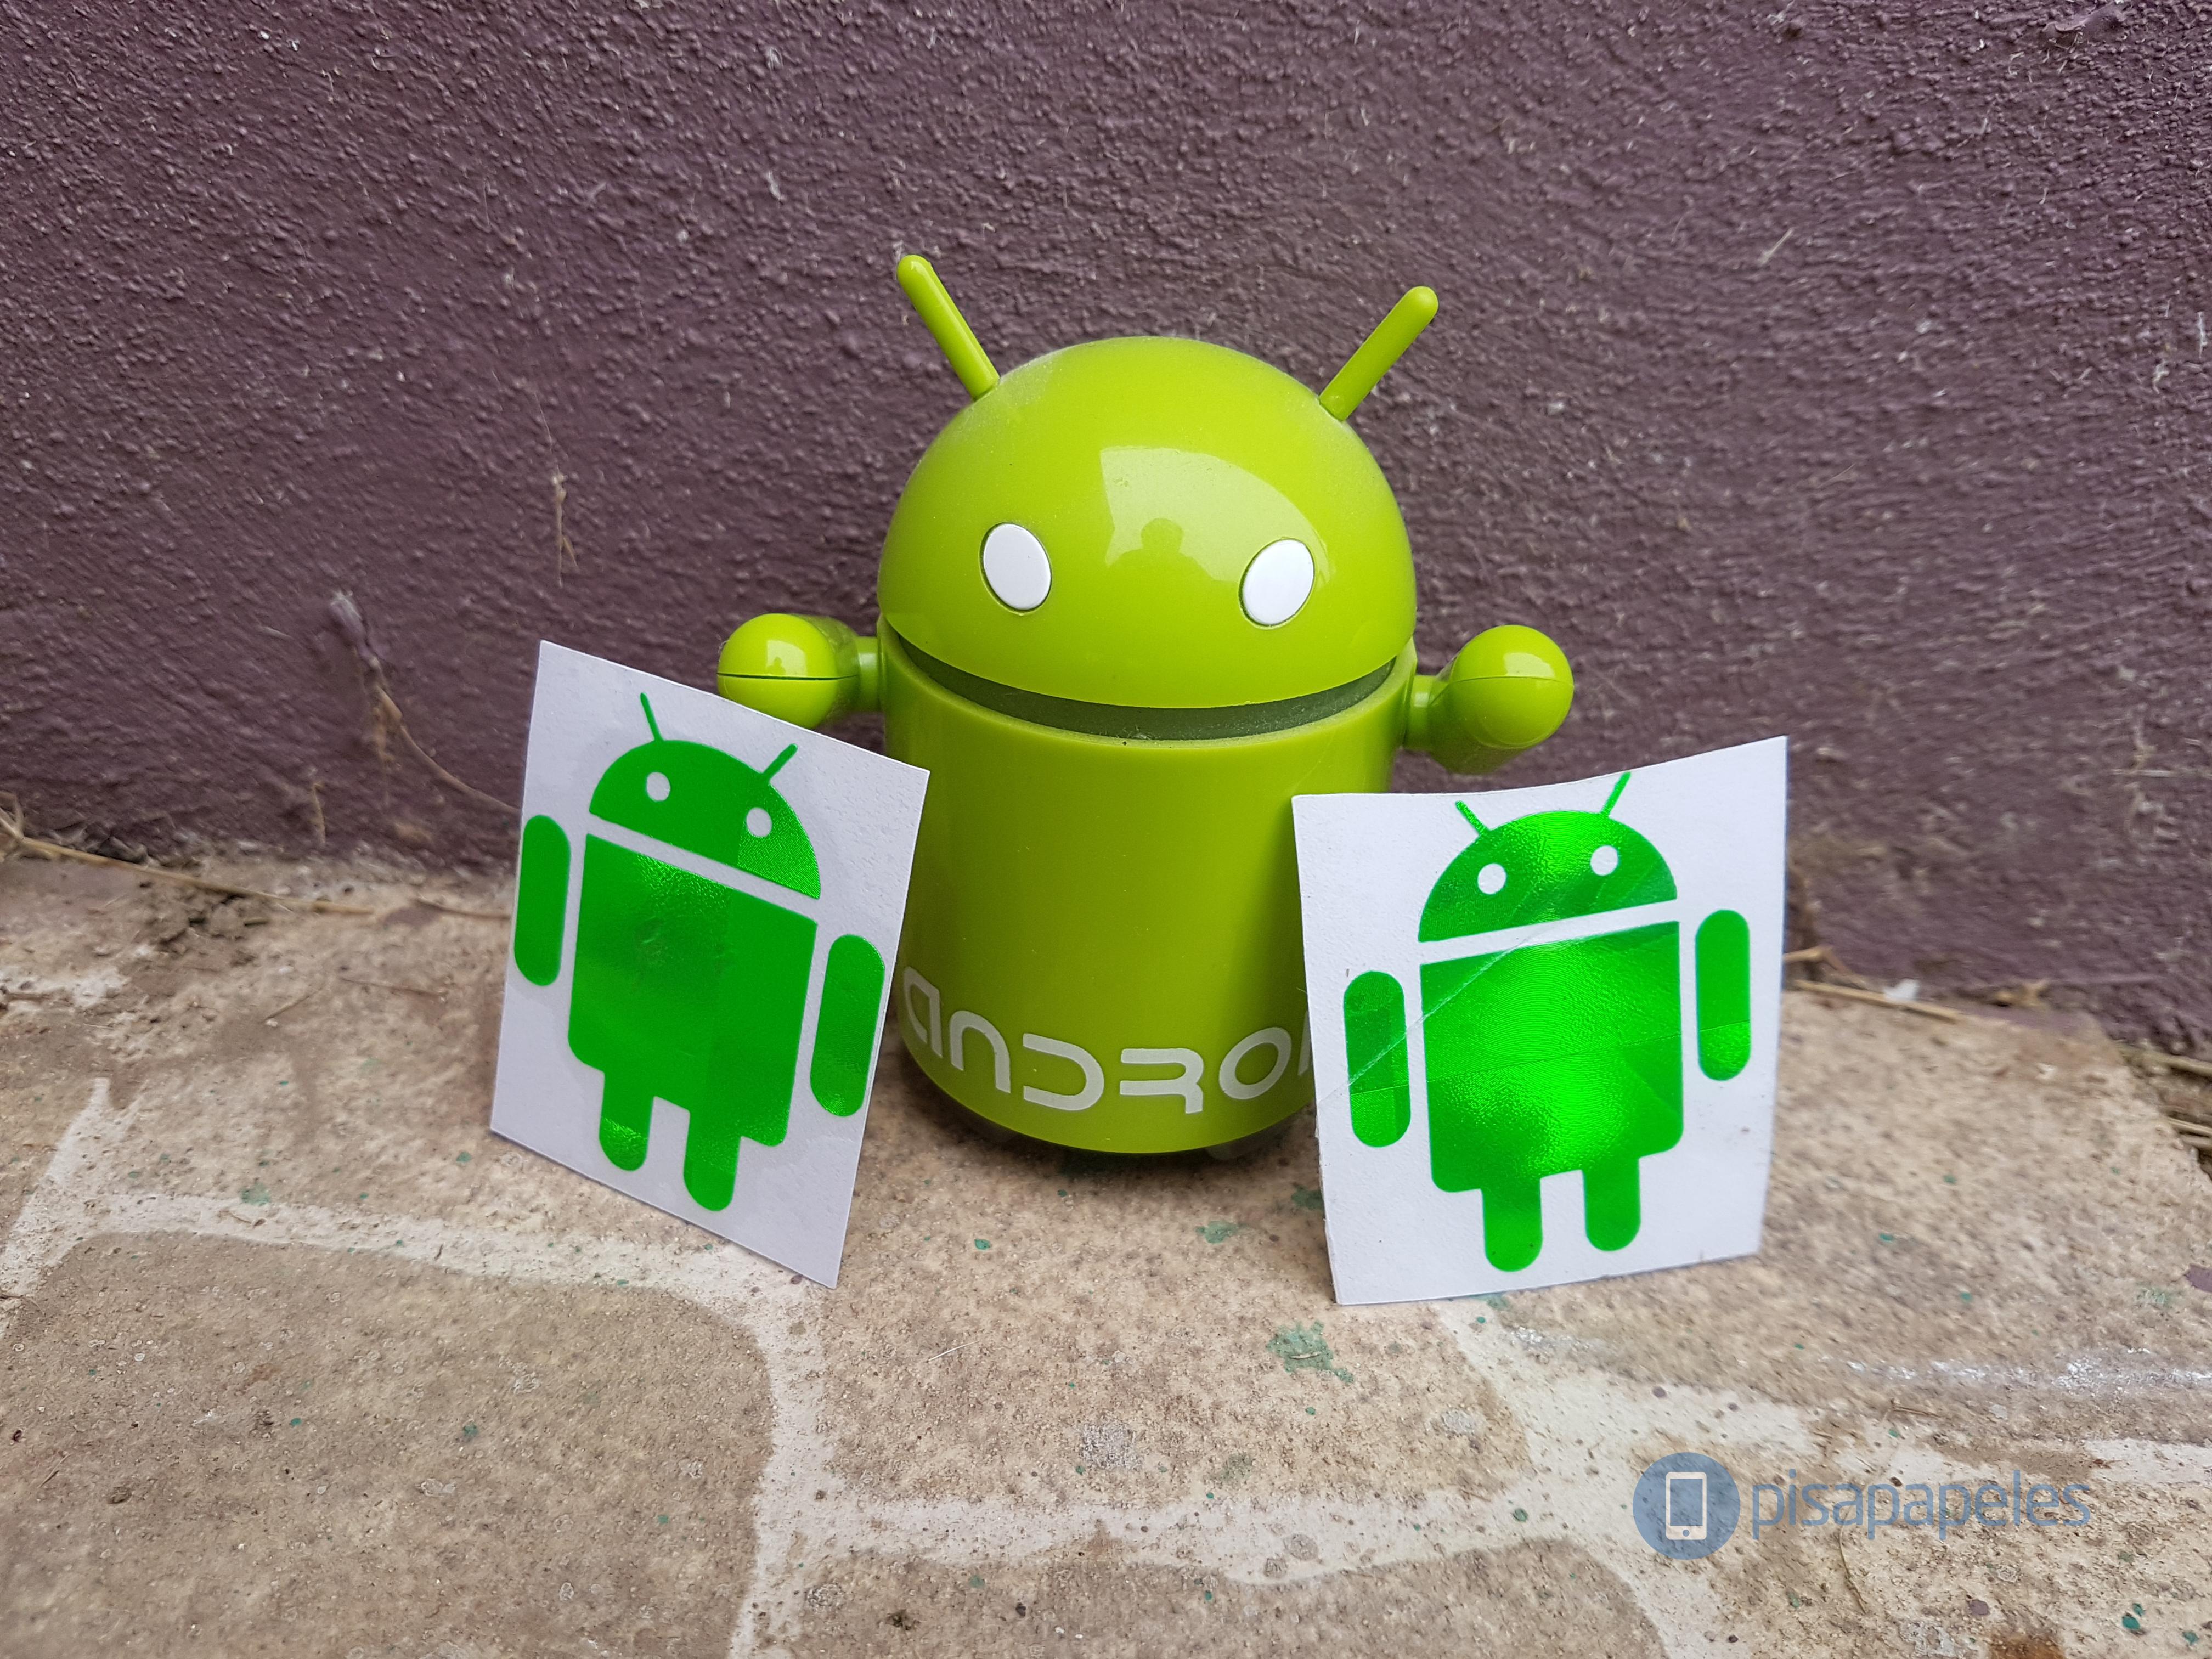 Android -portada